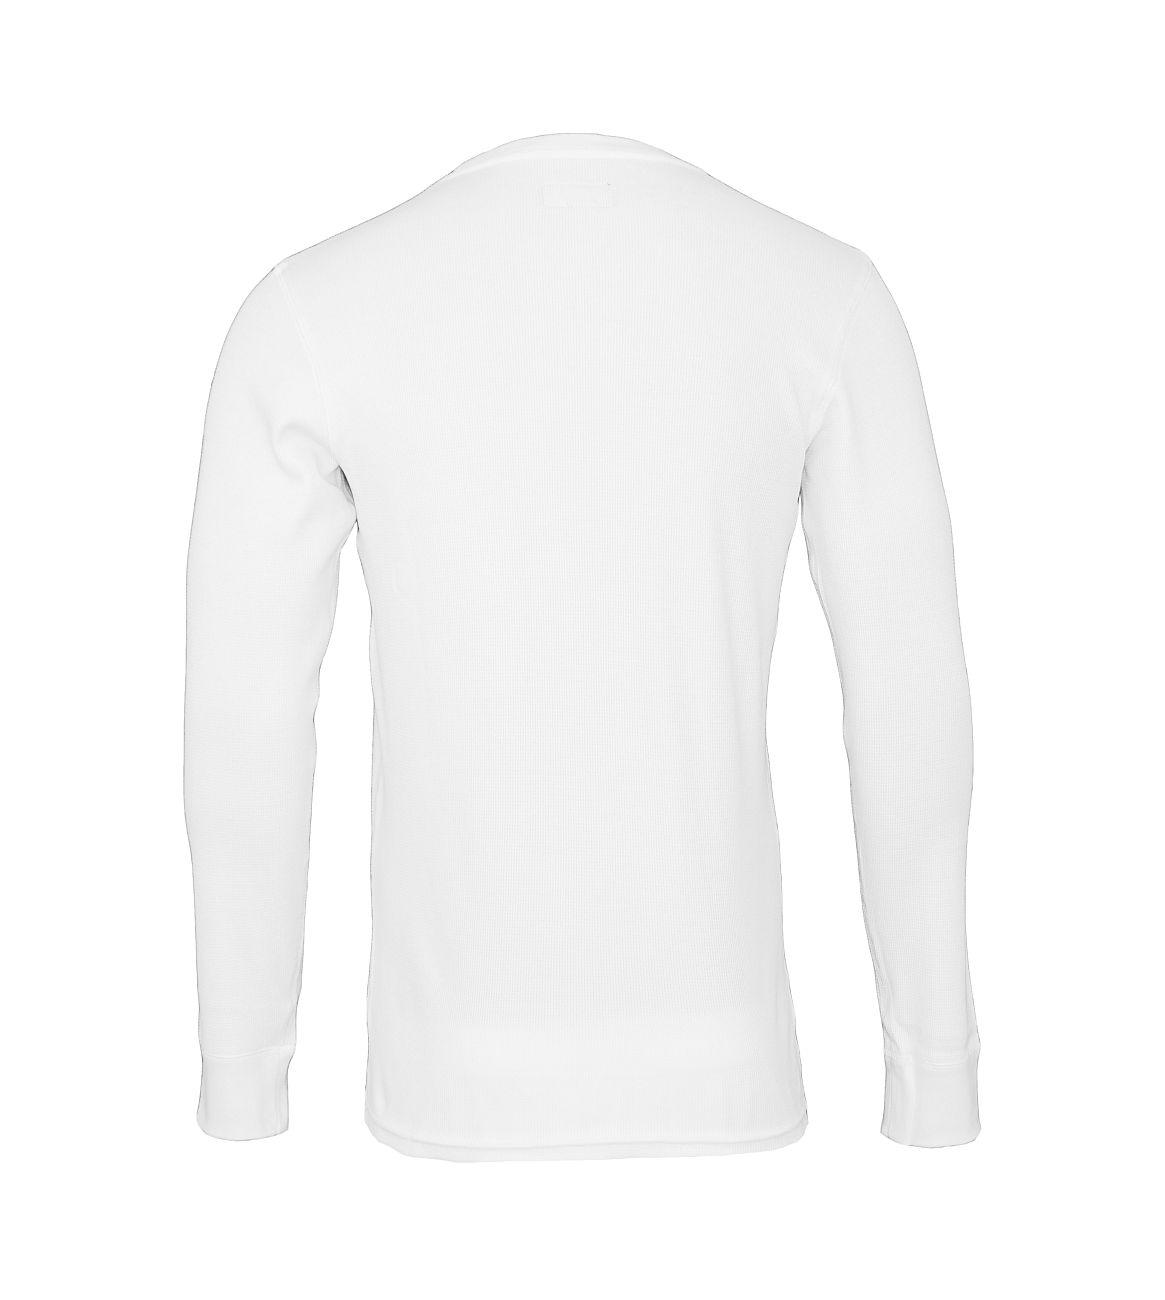 Ralph Lauren Longsleeve Pullover 714687799 004 White S18-RLLS1